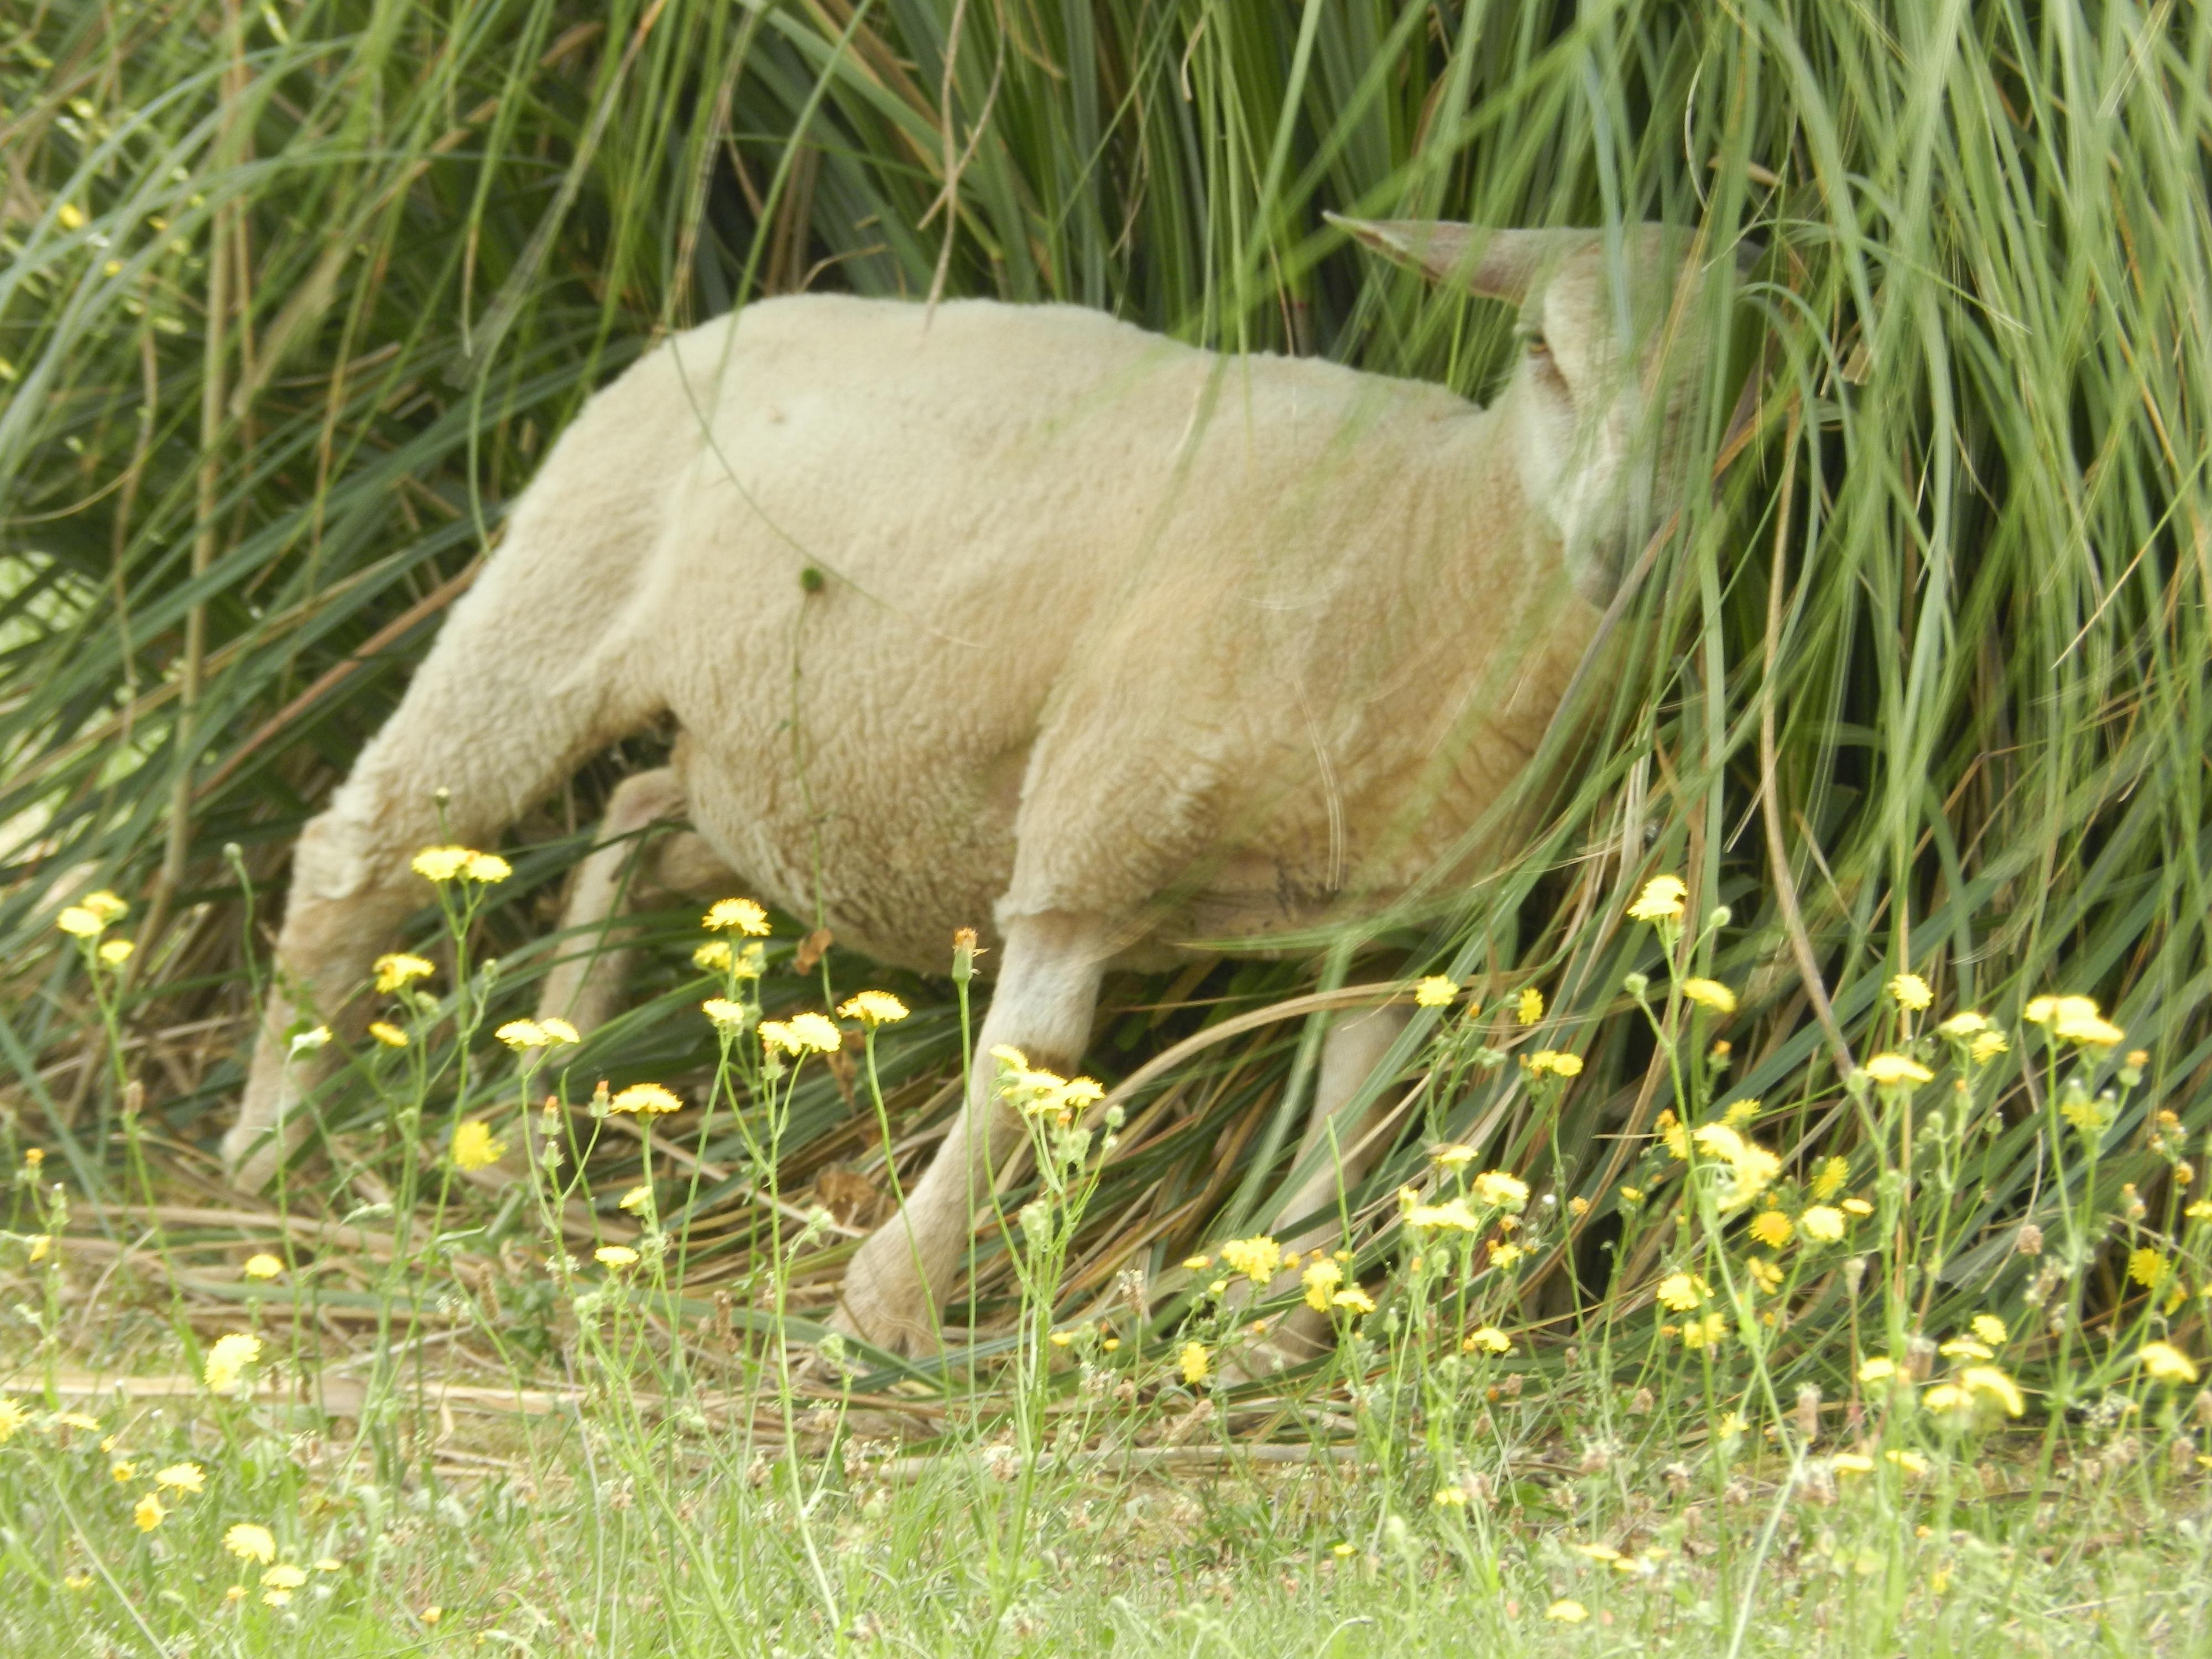 Les moutons apprécient de se gratter sur les herbes de la pampa